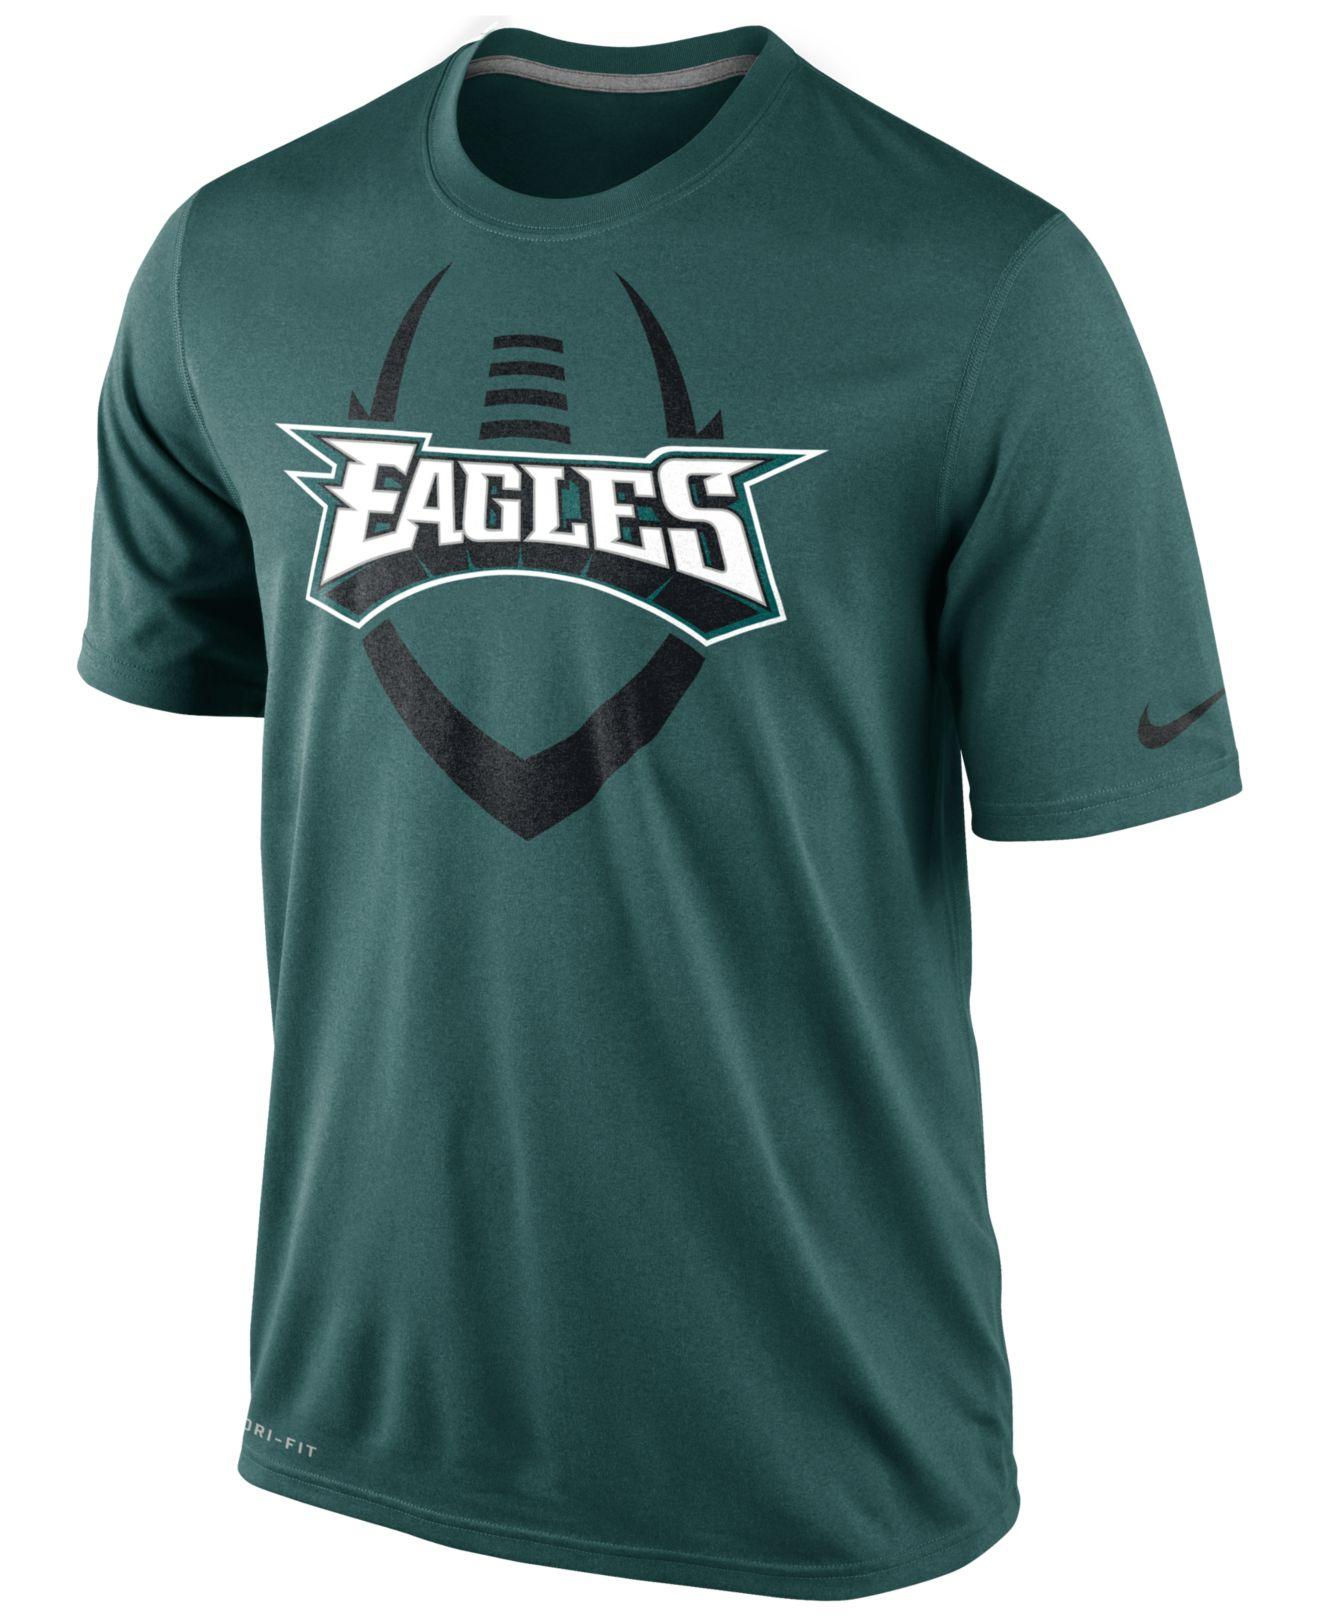 Nike Men 39 S Short Sleeve Philadelphia Eagles T Shirt In